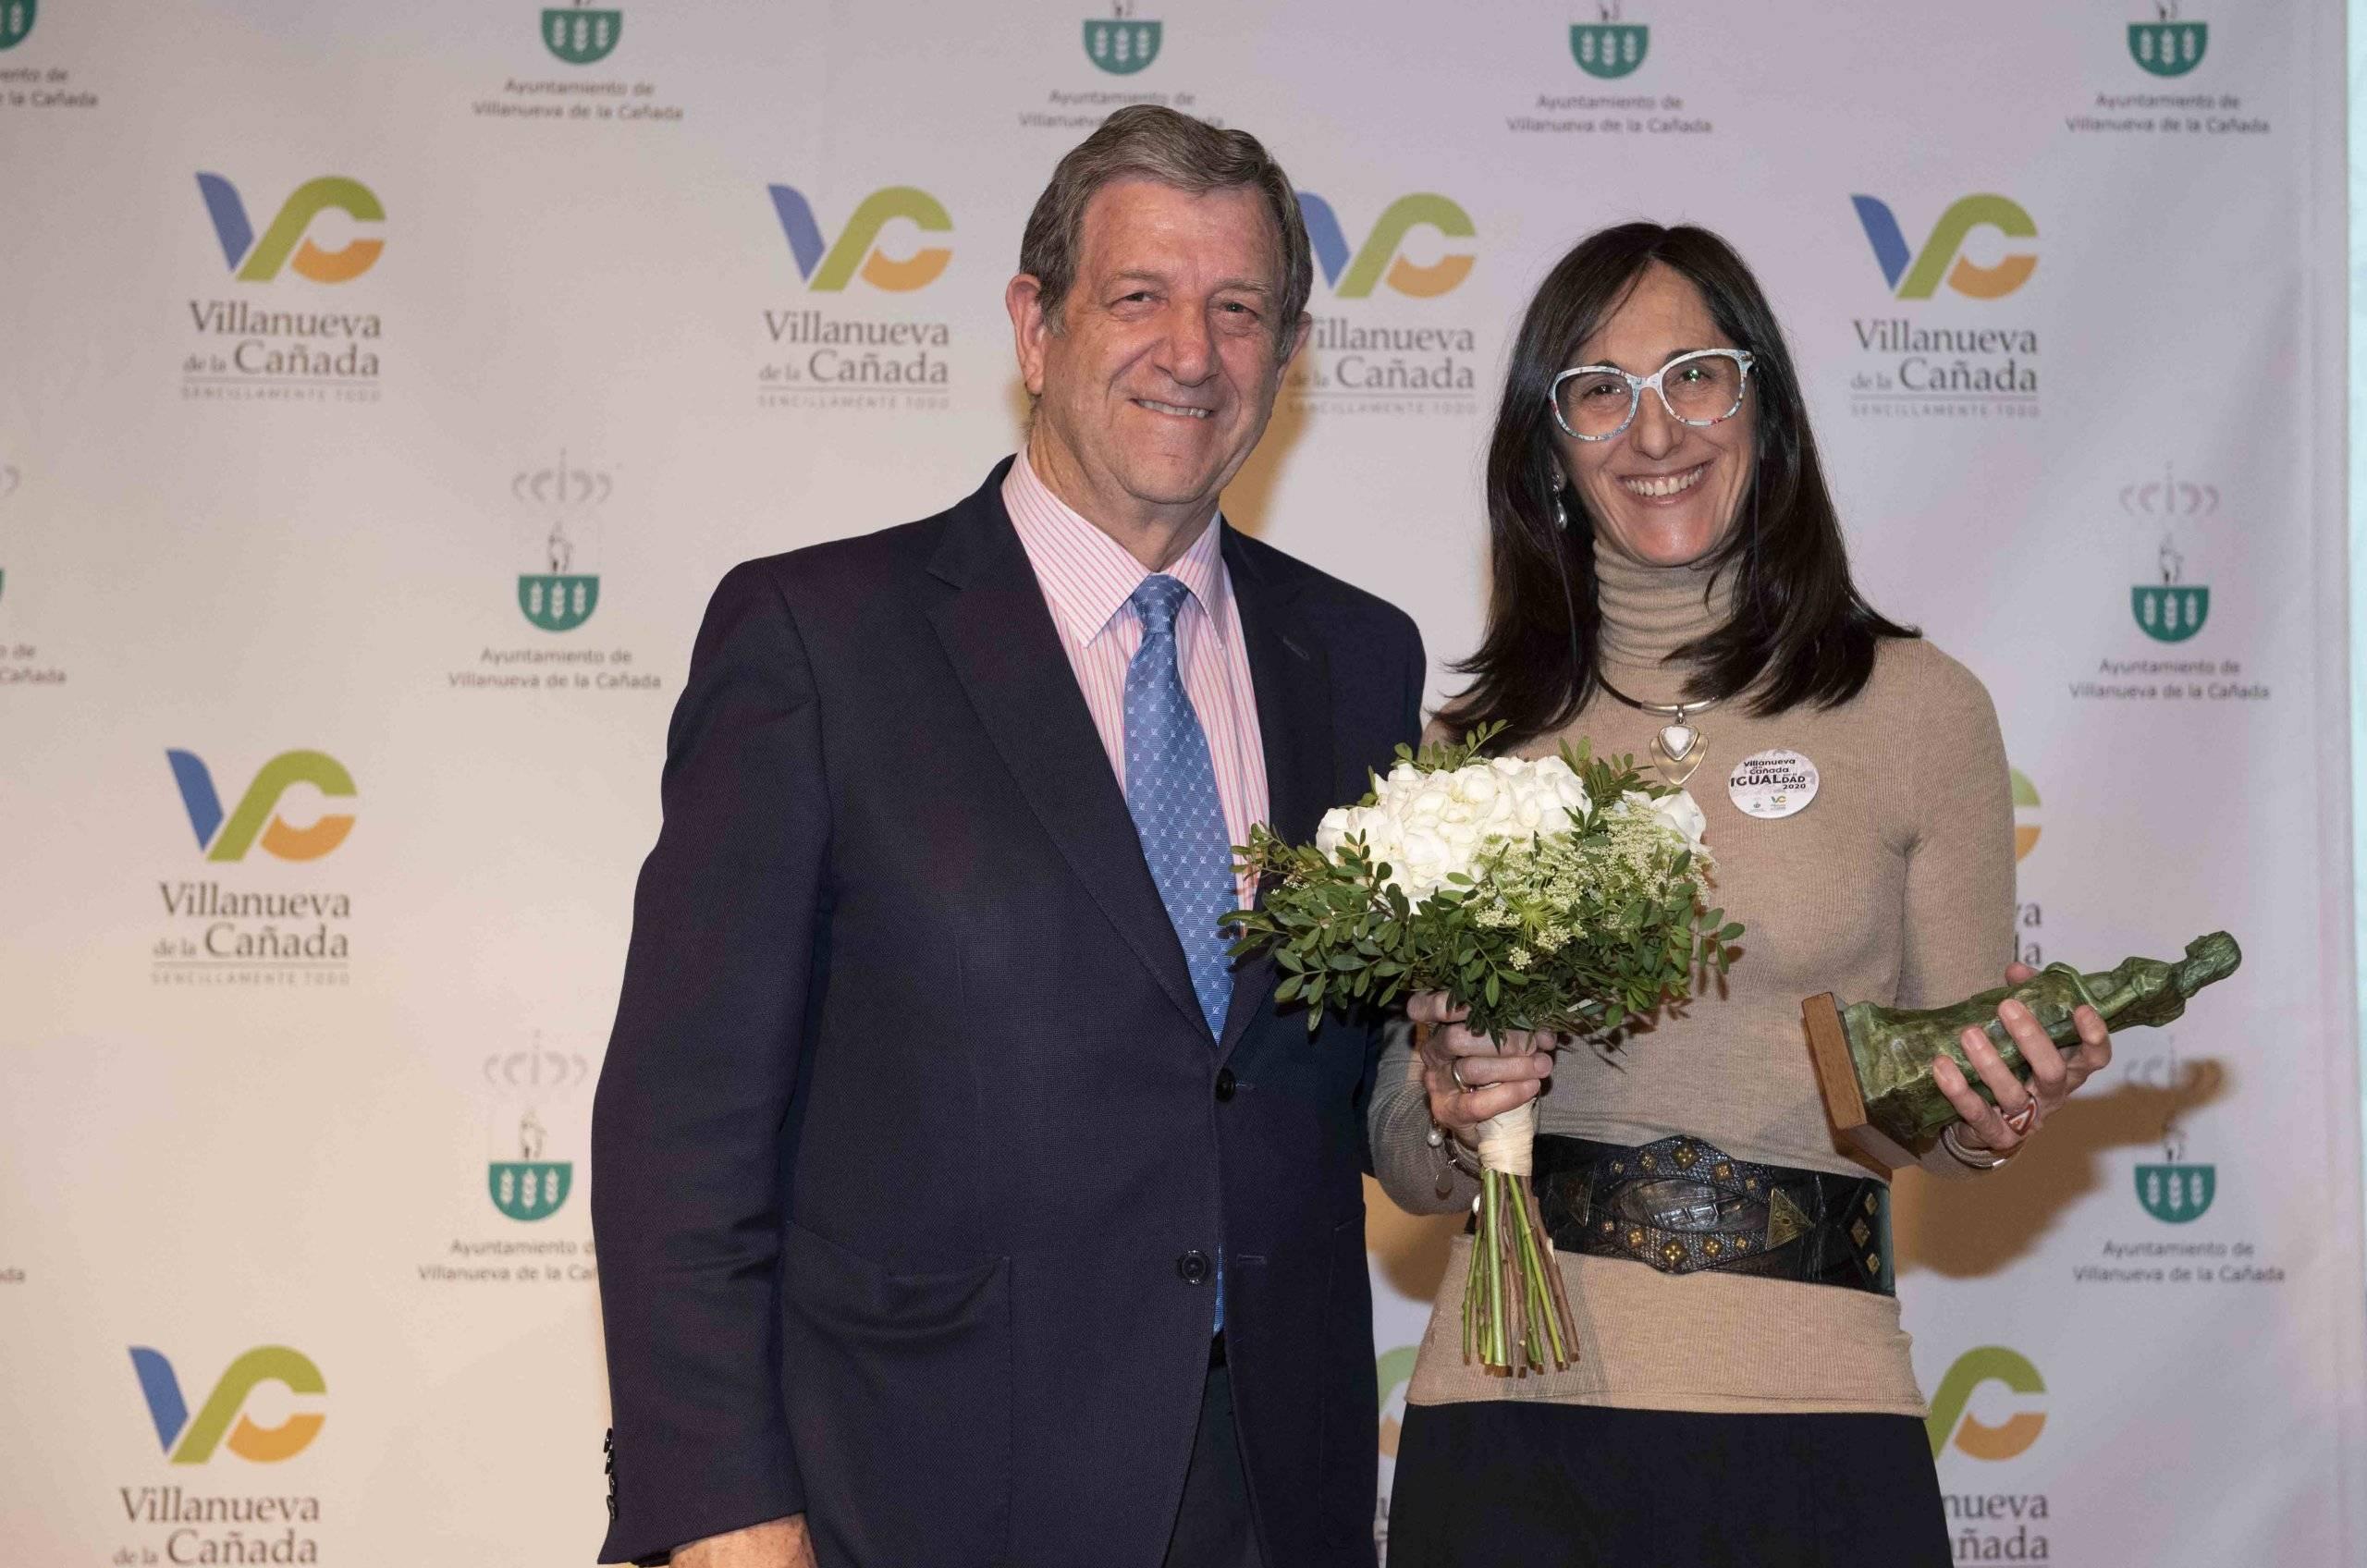 El alcalde junto a la Dra. Cristina Galván, galardonada con el Premio por la Igualdad 2020.